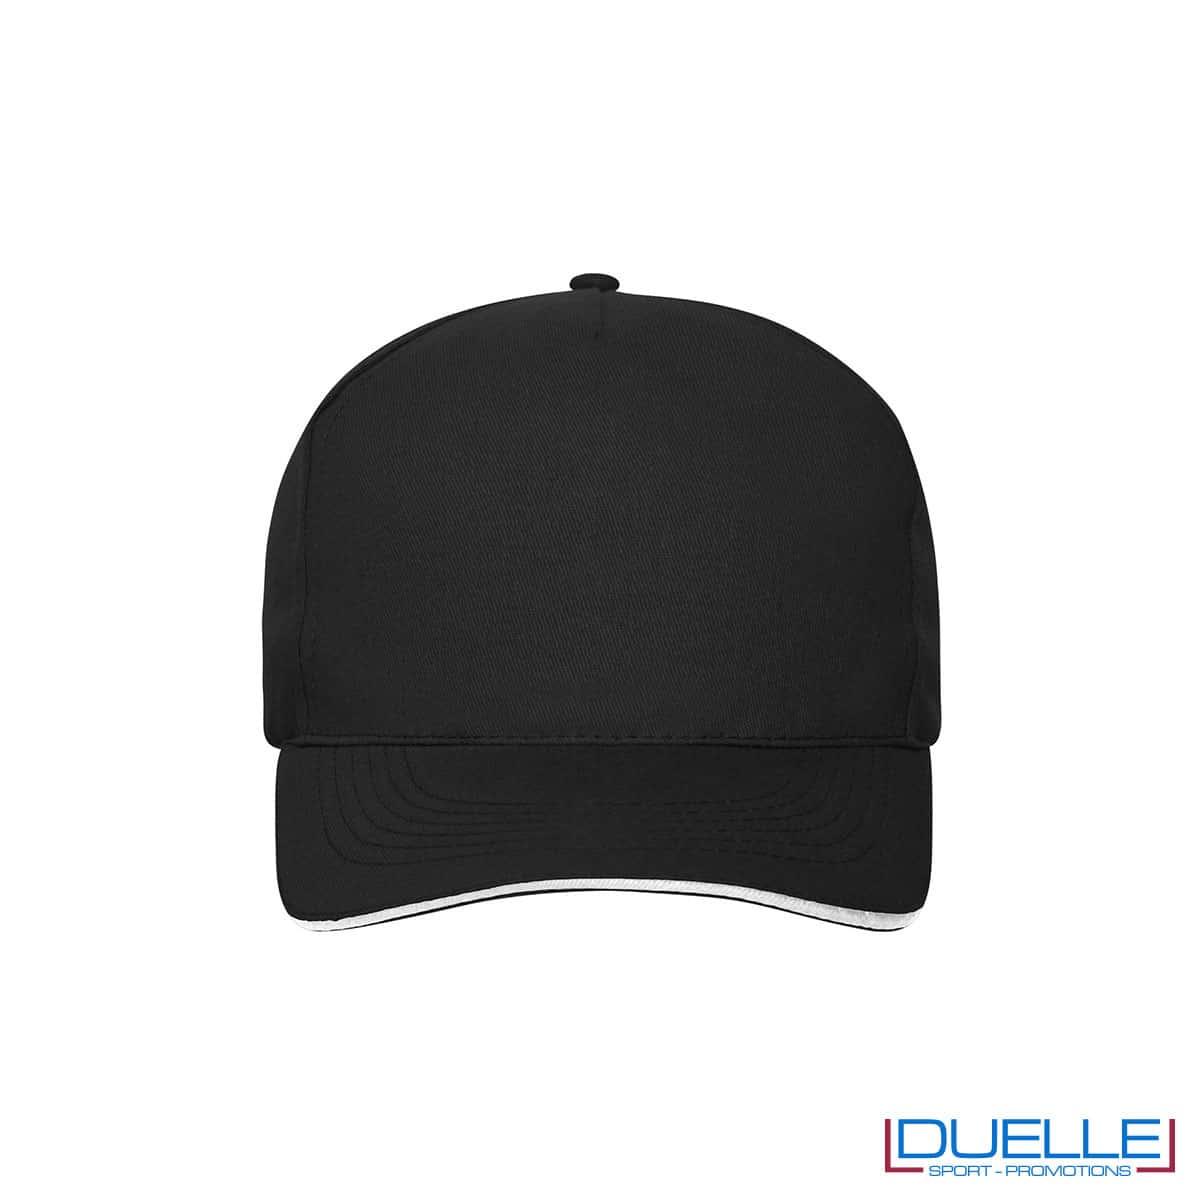 Cappello 100% cotone organico 5 pannelli colore nero personalizzato